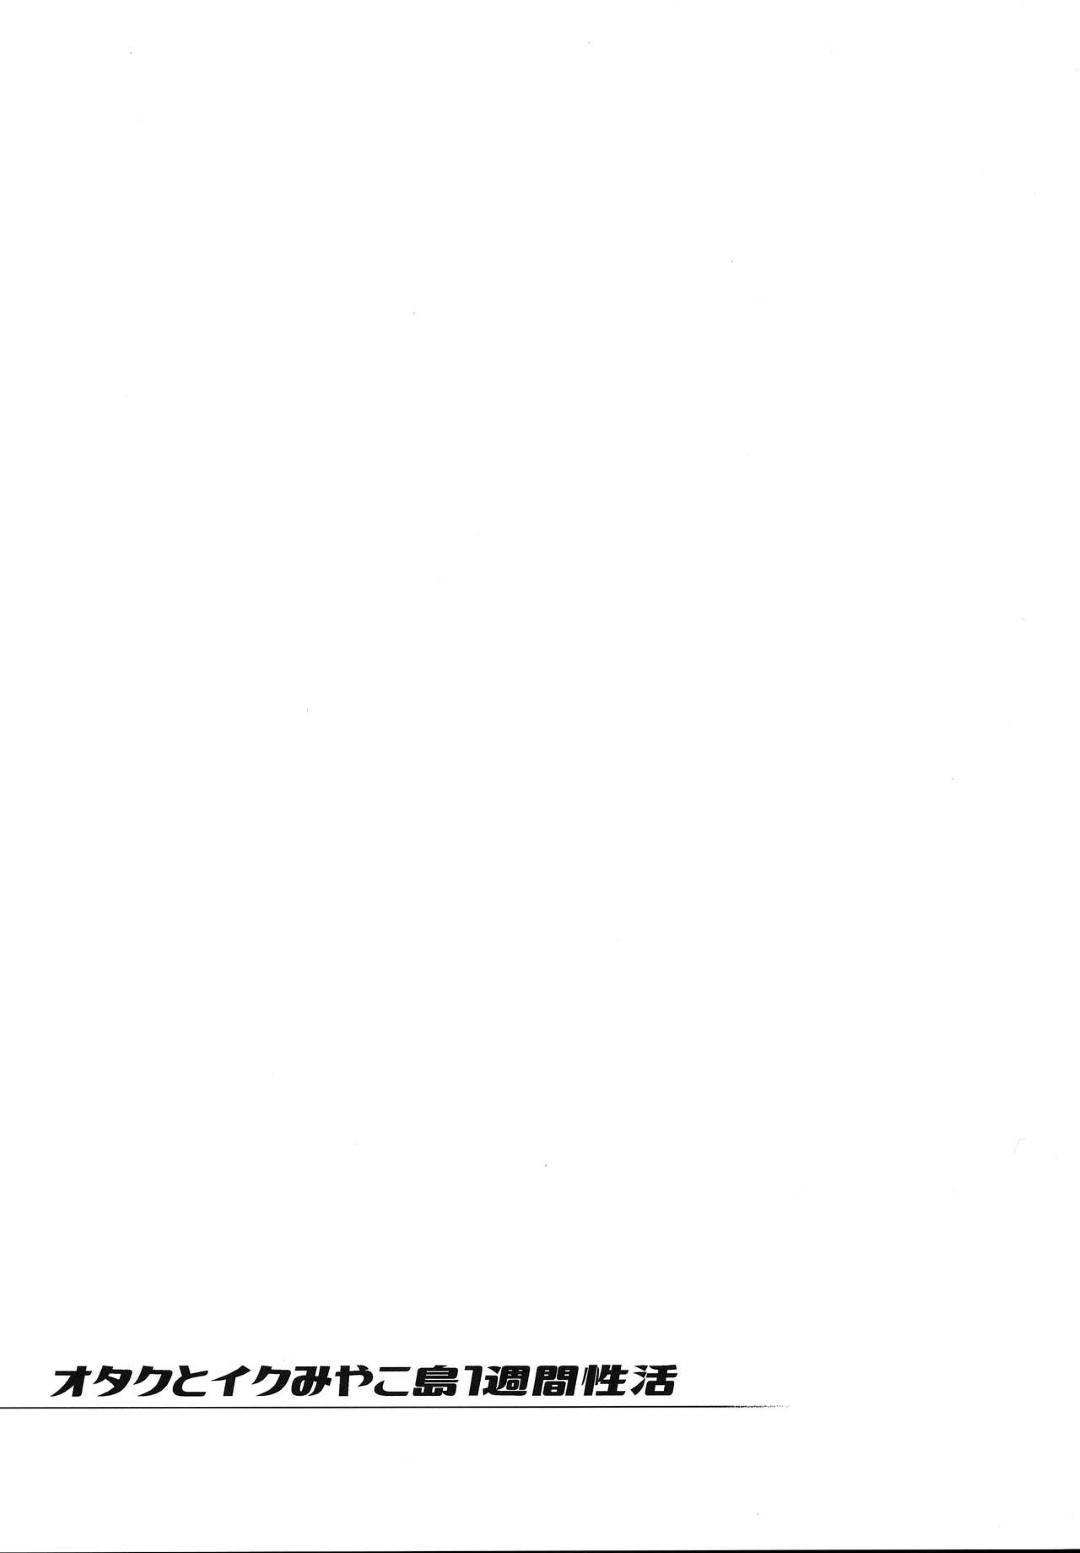 【vtuberエロ漫画】vtuberの瀬戸美夜子がファンのオタクたちとみやこ島へバカンスに行くが、美夜子が温泉に乱入してきて次々とオタクのチンポをしゃぶって射精させる!なんと一週間オタクをセックスで鍛えるバカンスだった!【KANZUME】